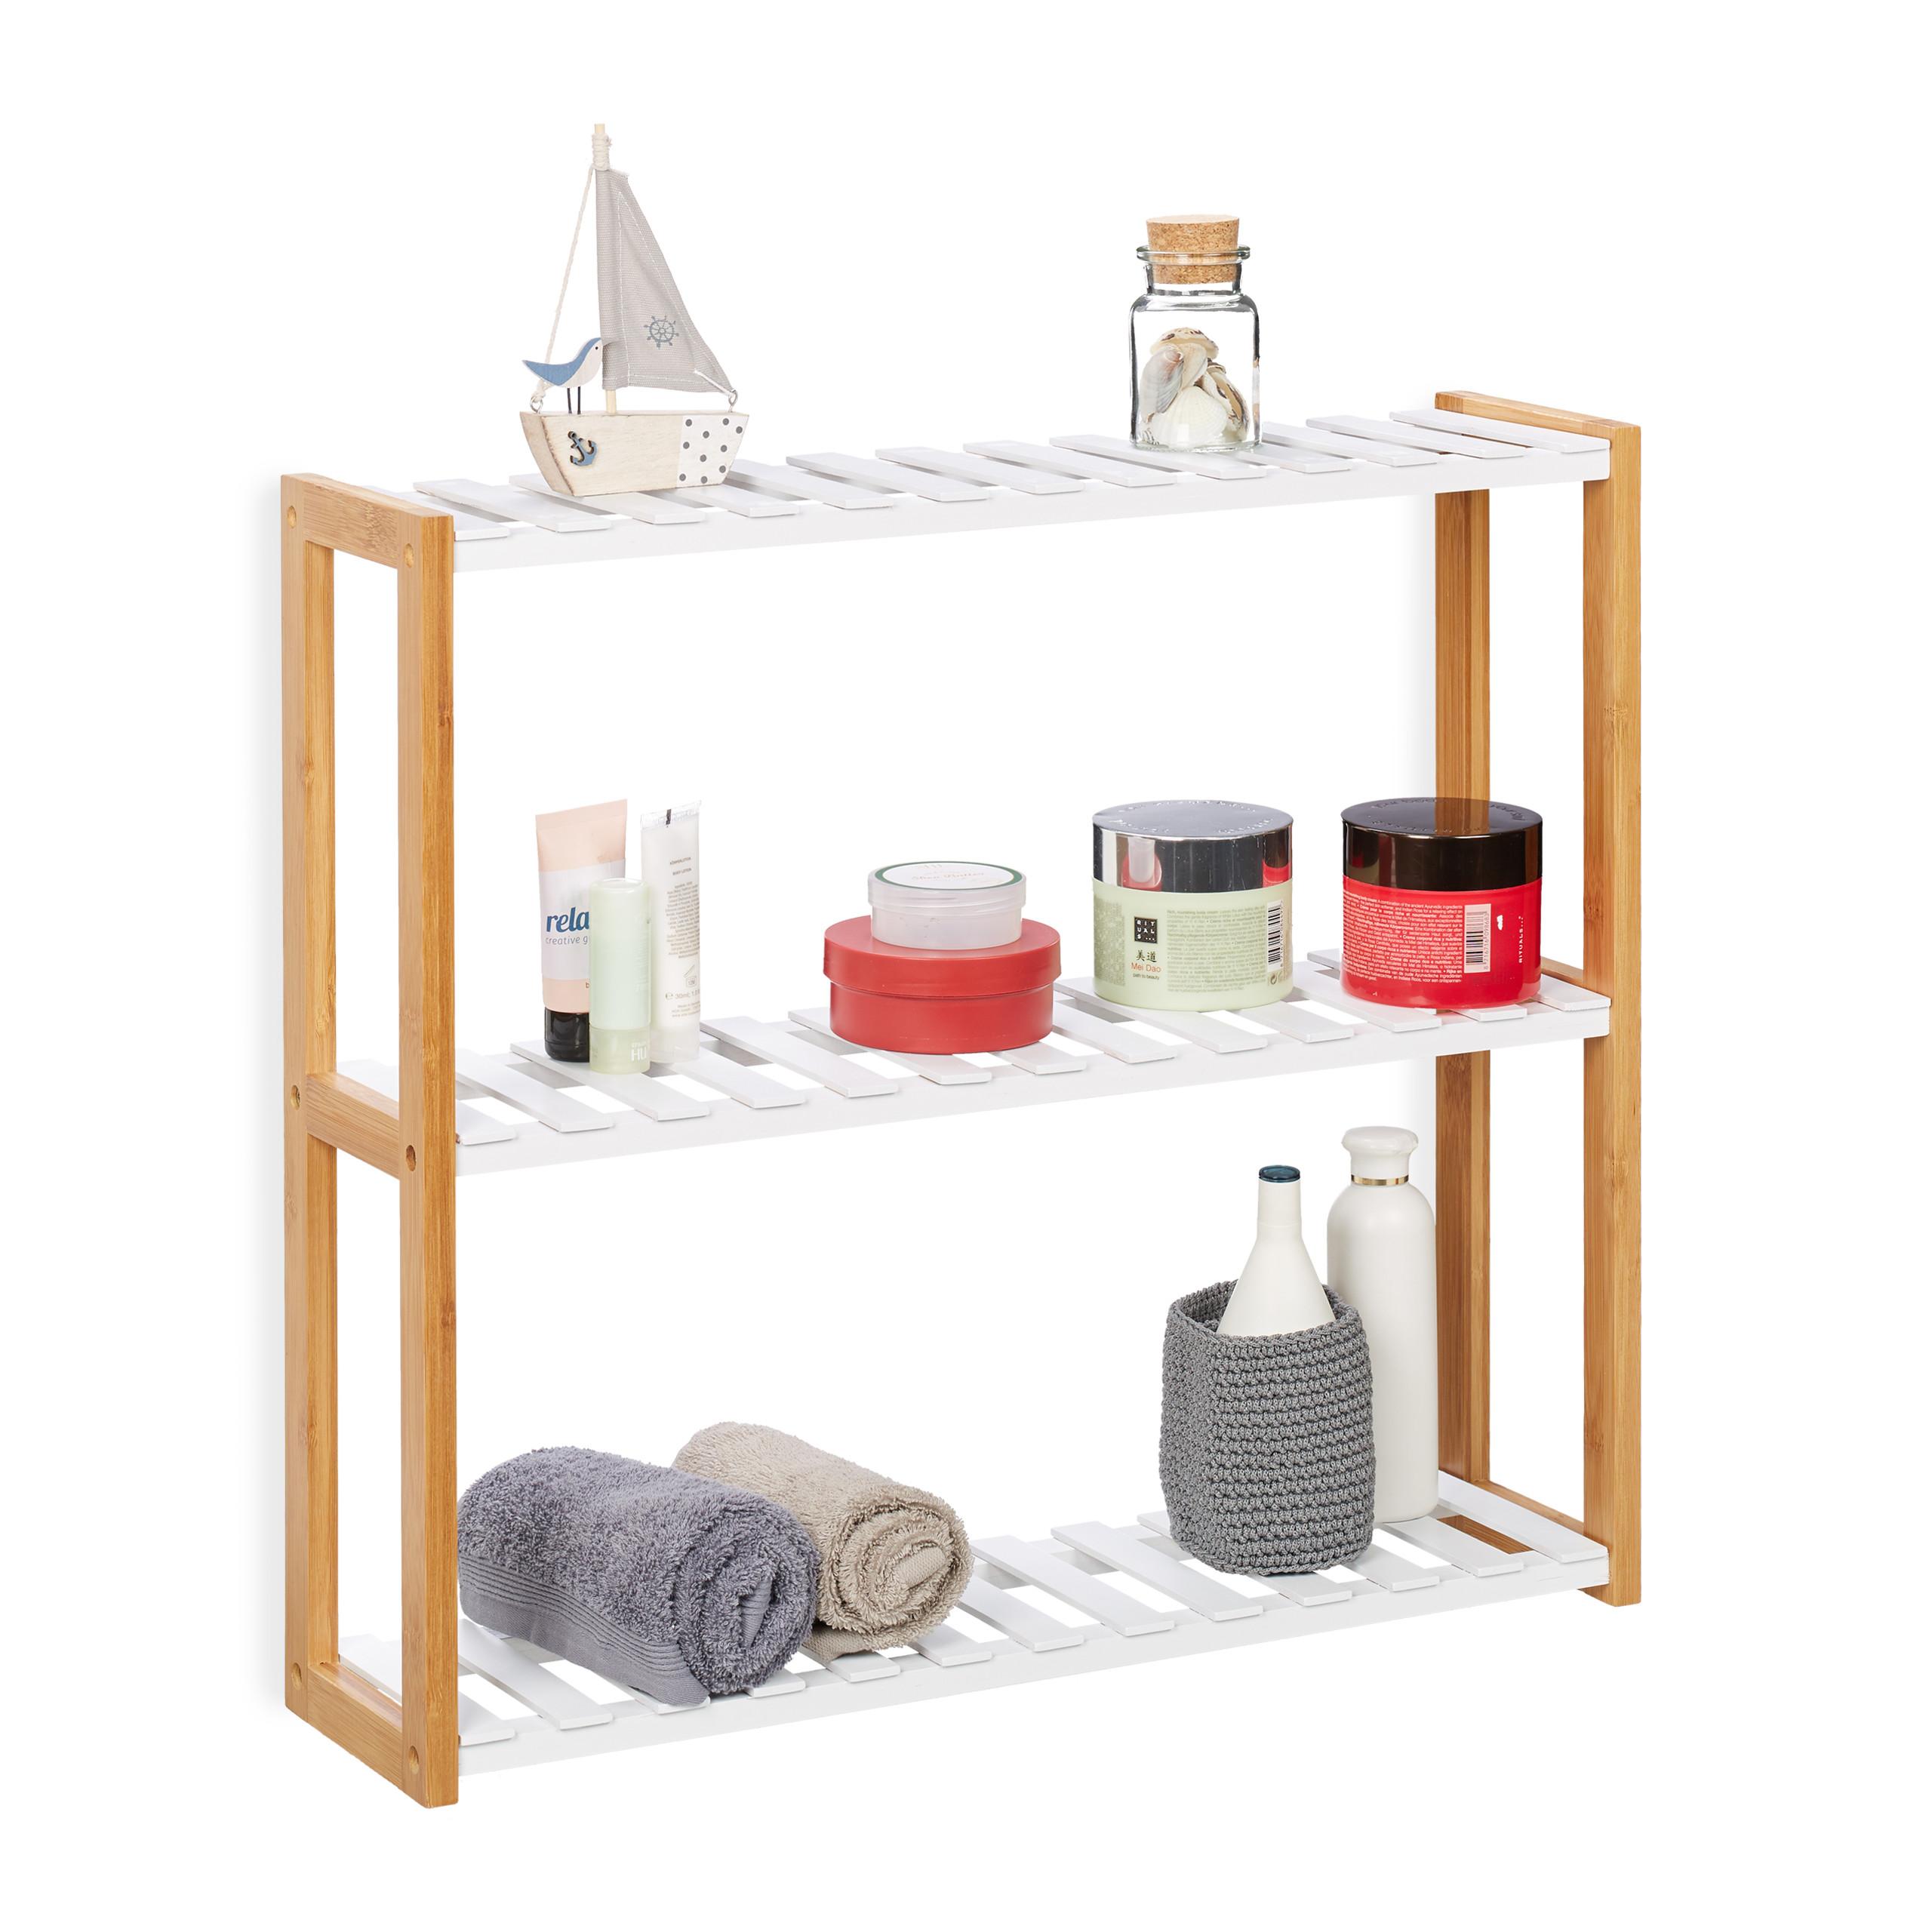 Dettagli su Scaffale da parete con 3 ripiani, mobiletto per bagno, cucina,  colore bianco